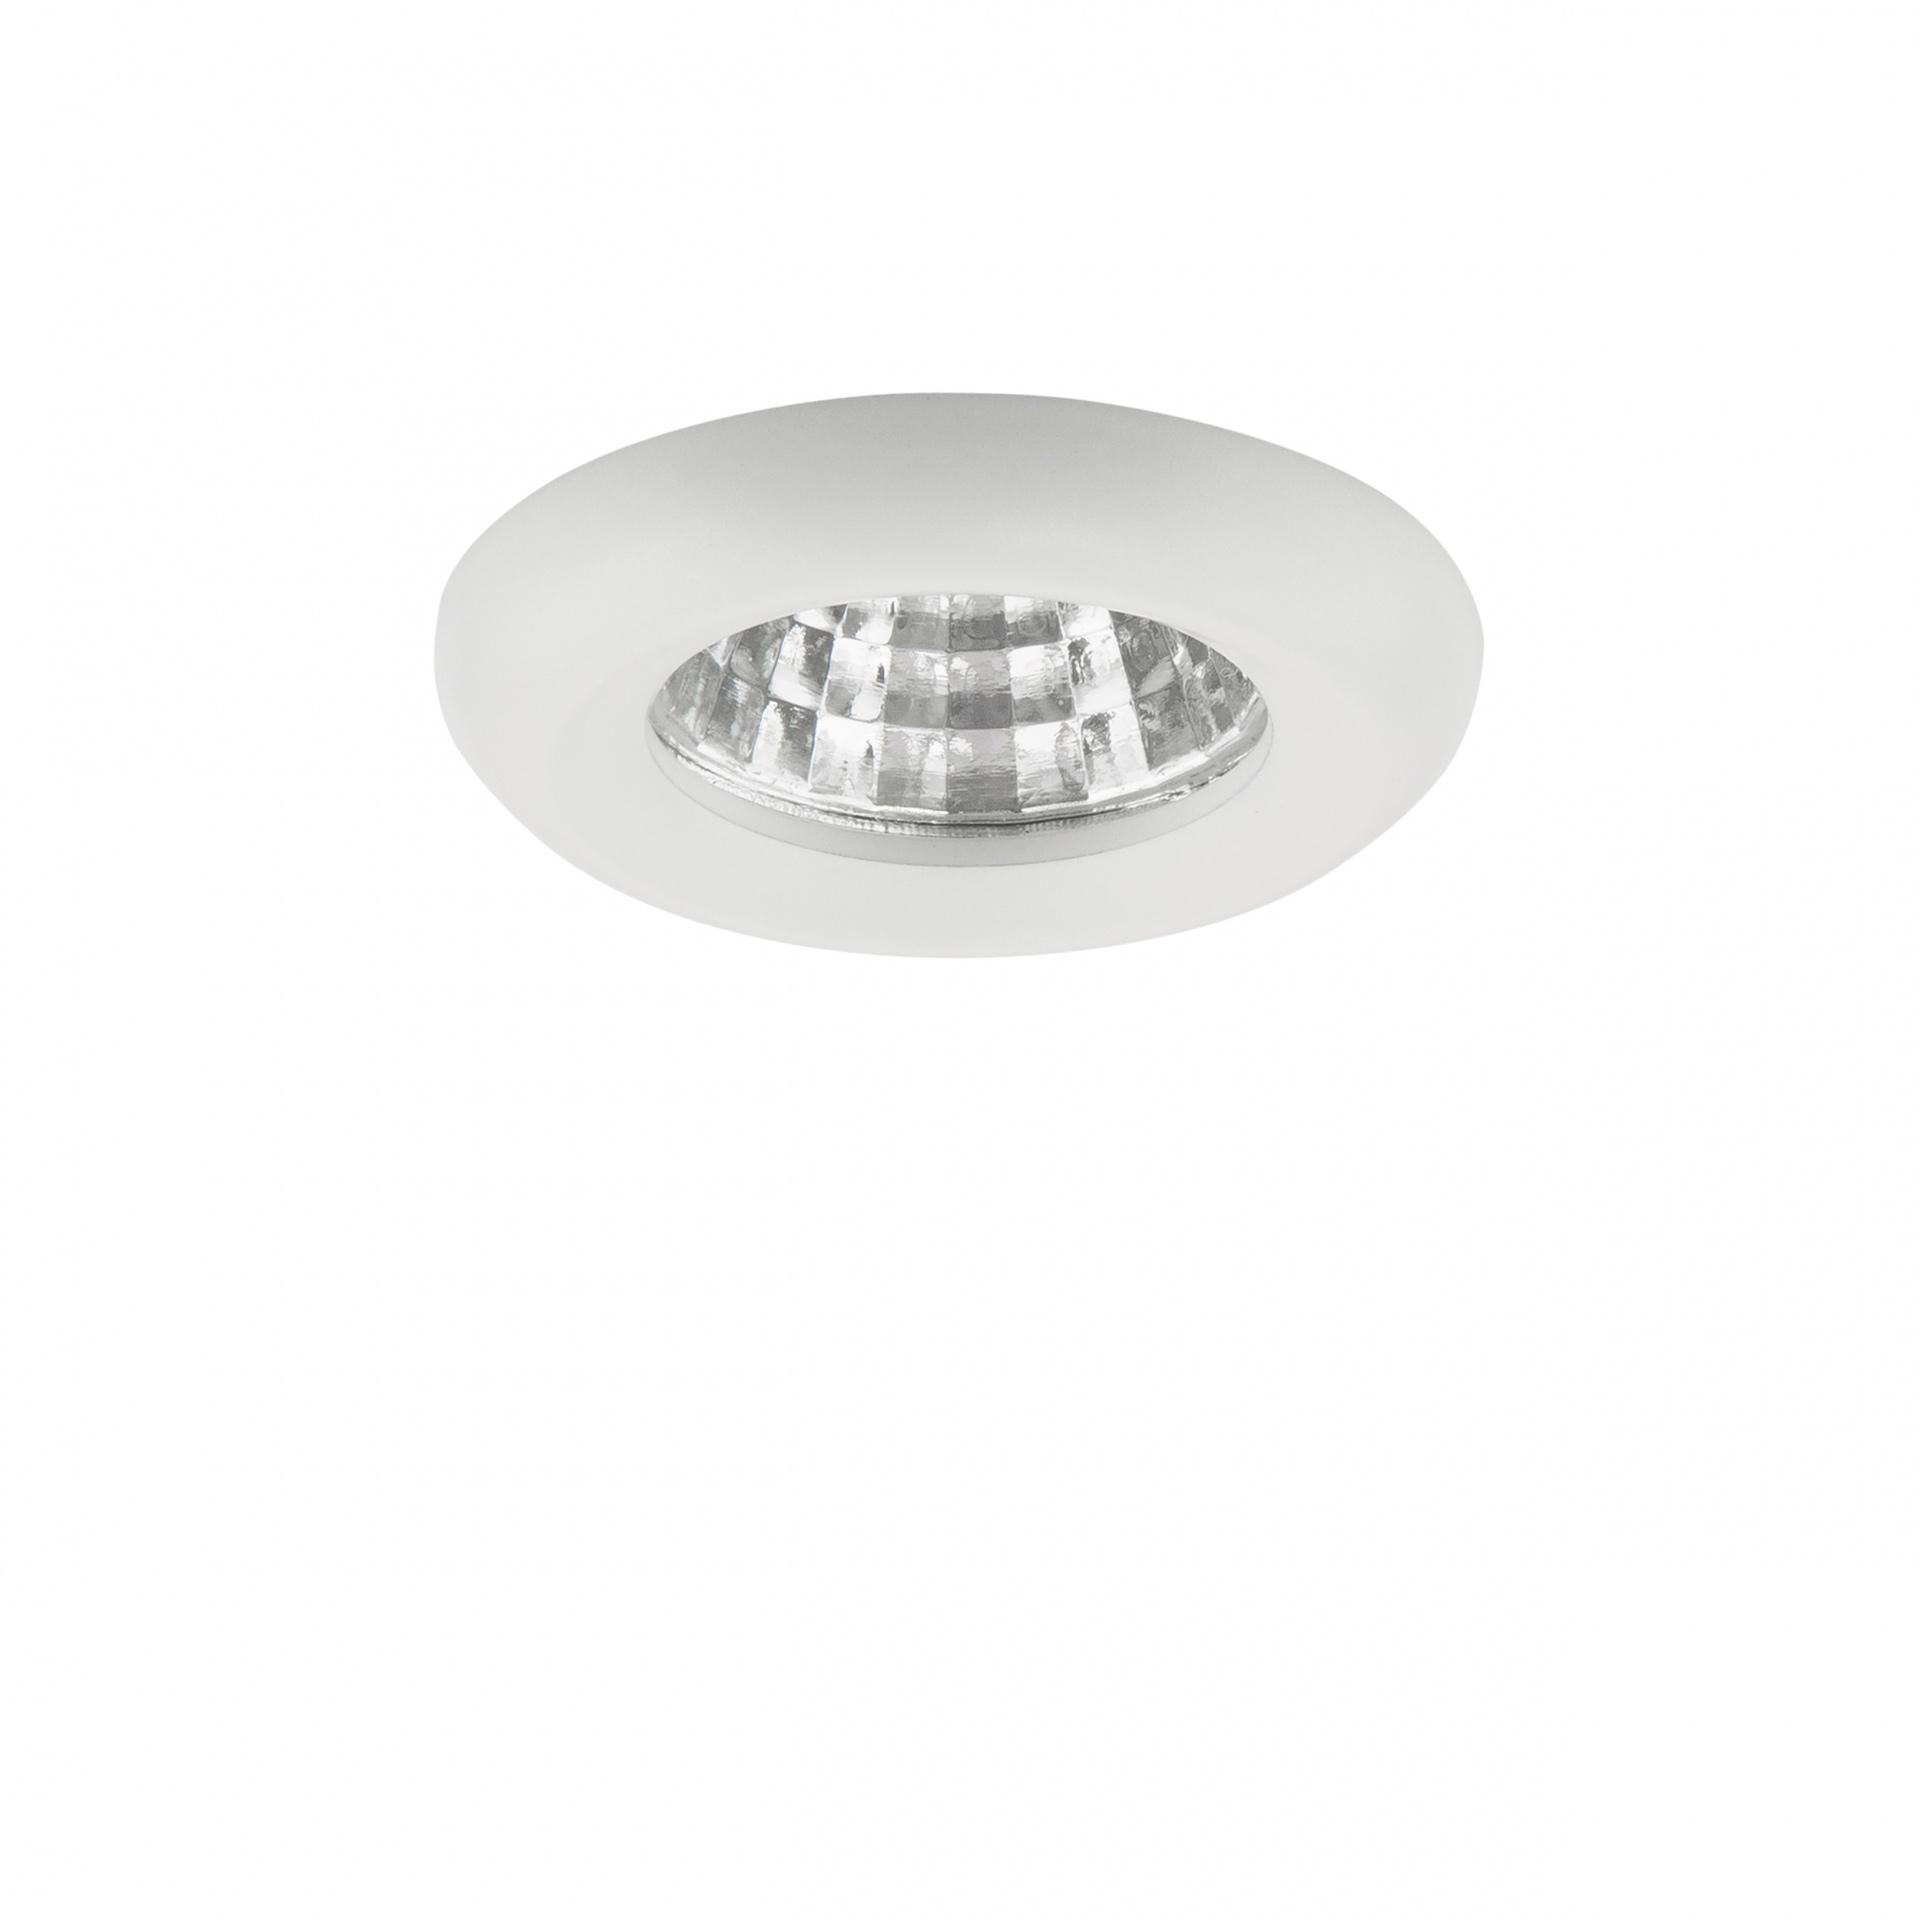 Светильник Monde LED 1W 80LM 18G белый 4000K Lightstar 071116, купить в СПб, Москве, с доставкой, Санкт-Петербург, интернет-магазин люстр и светильников Starlight, фото в жизни